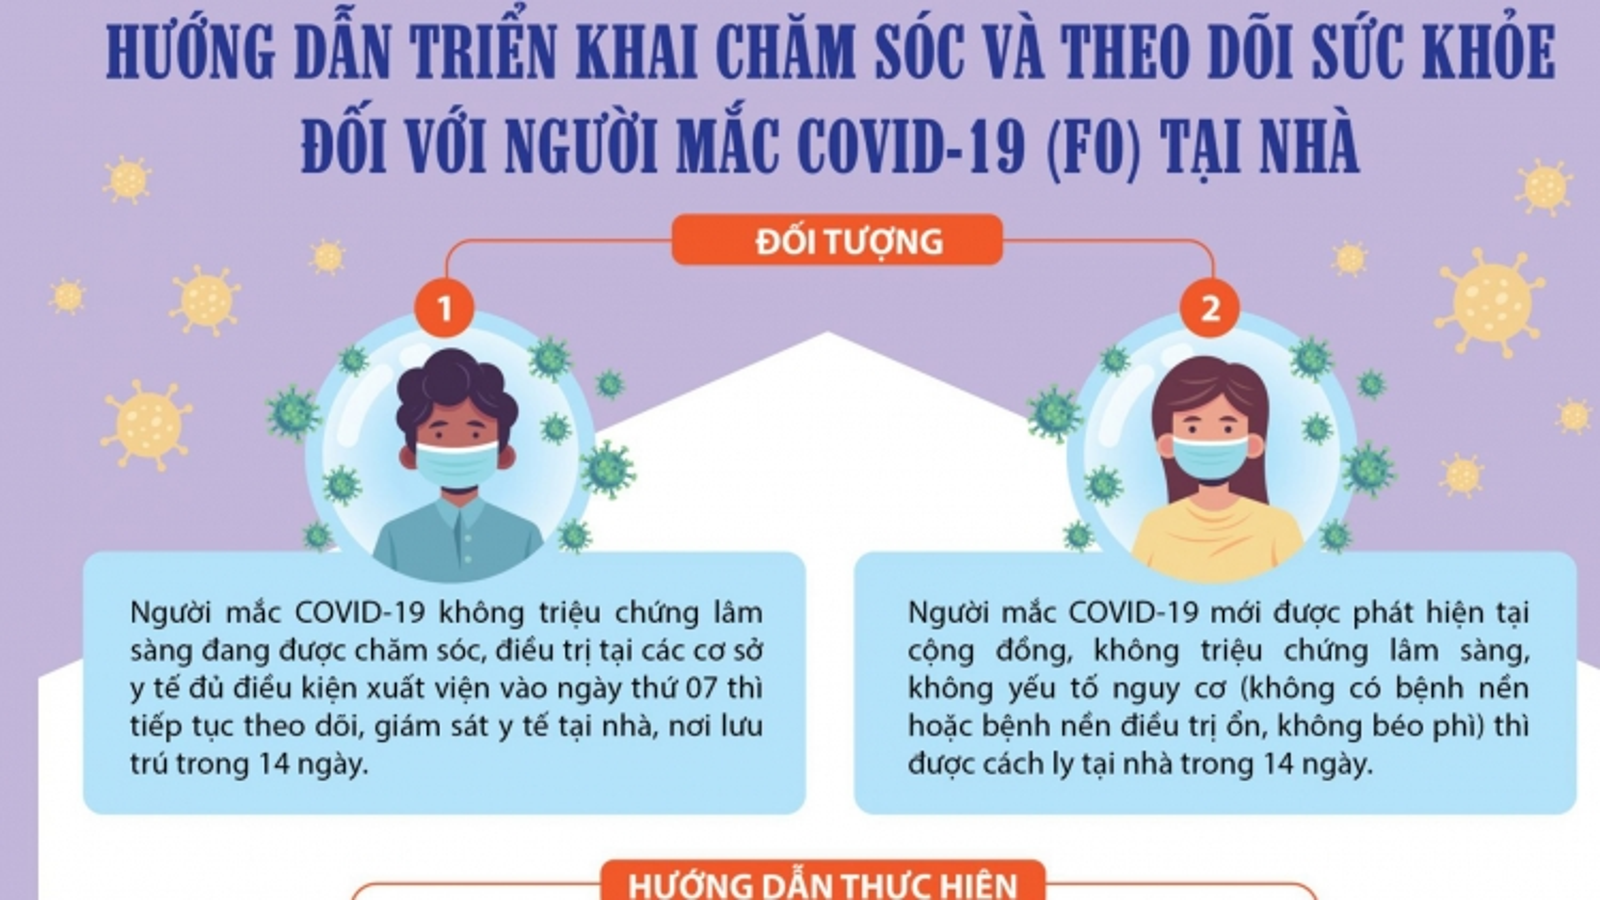 TP.HCM yêu cầu quận huyện lập nhóm bác sĩ tư vấn sức khỏe cho F0 cách ly tại nhà